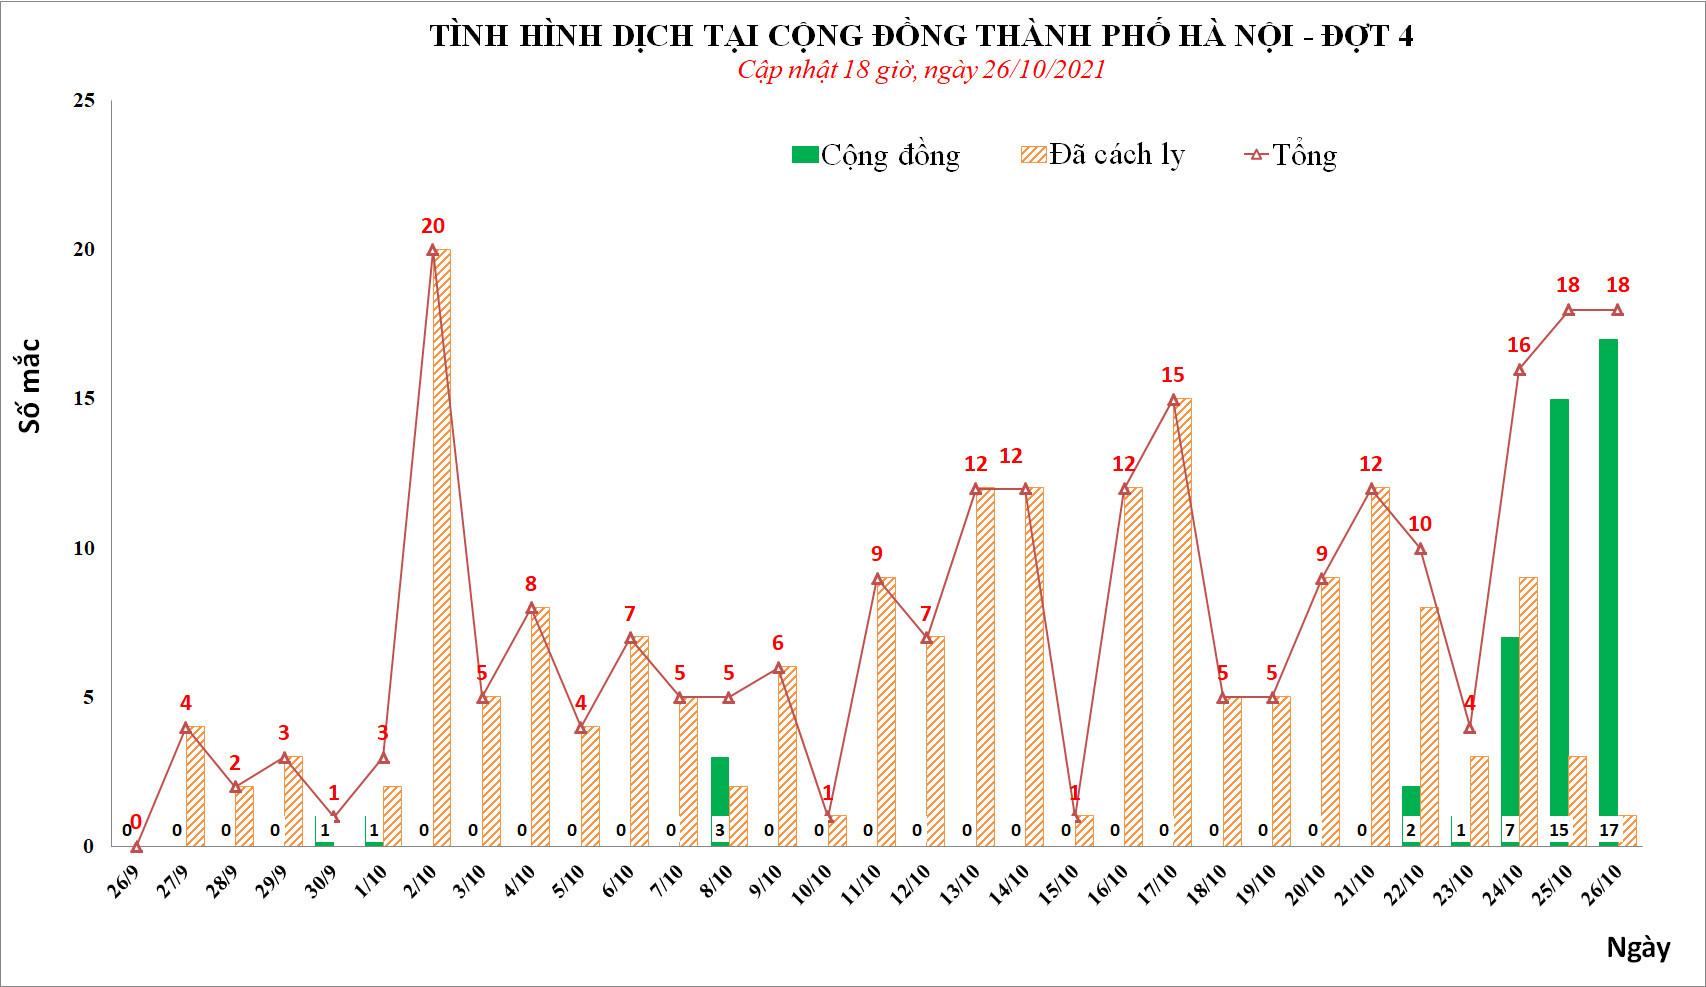 Hà Nội thêm 18 ca Covid-19 trong ngày 26/10, có 17 ca cộng đồng